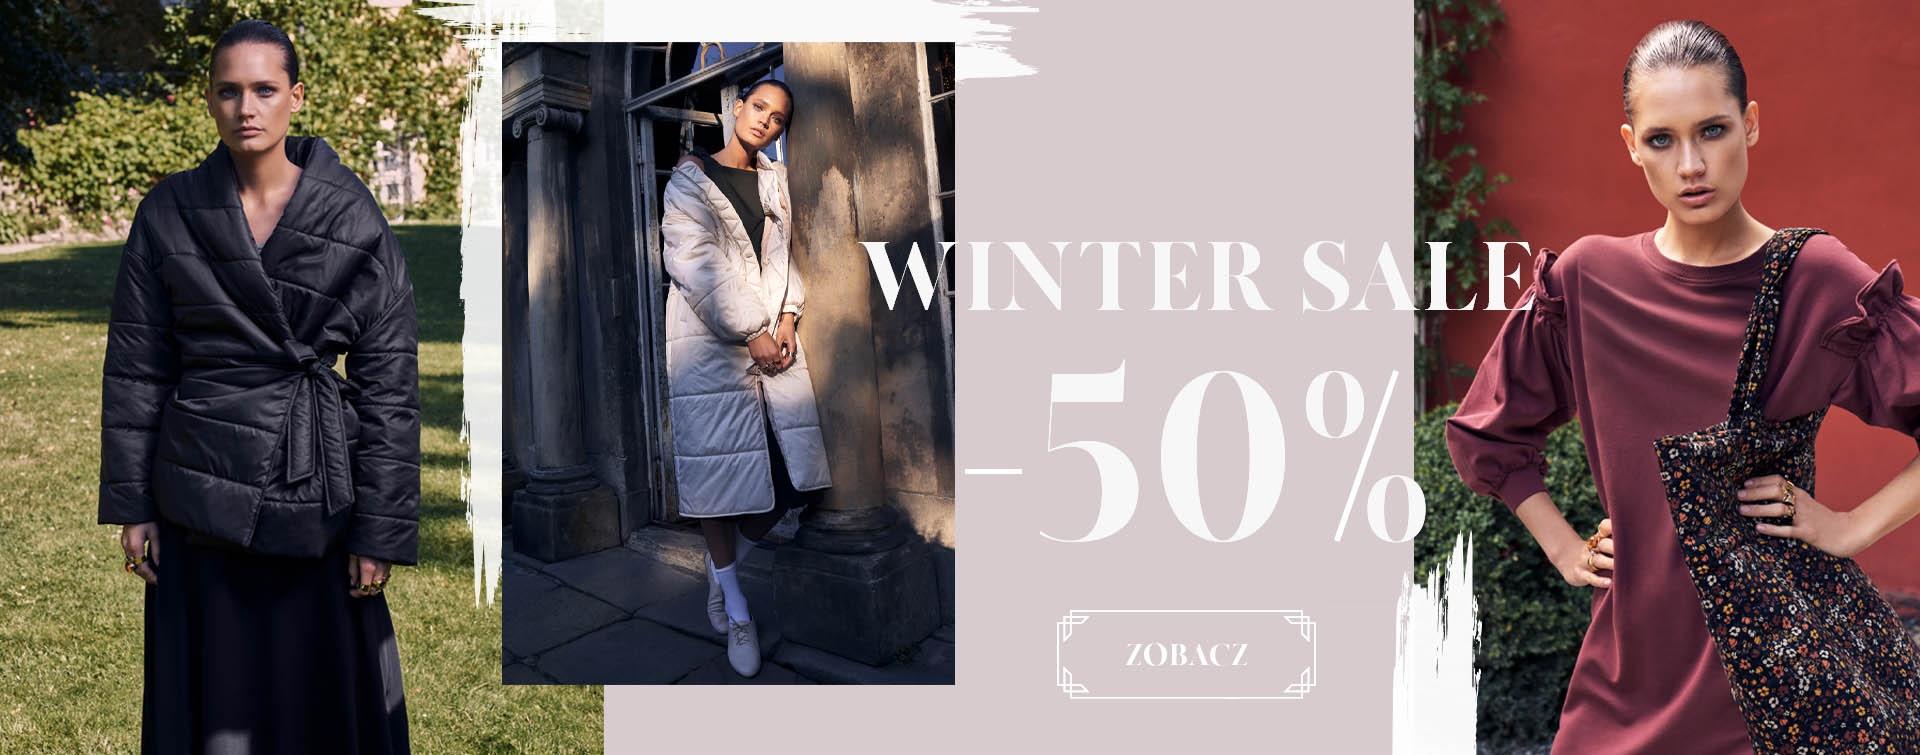 By Insomnia: zimowa wyprzedaż do 50% zniżki na odzież damską